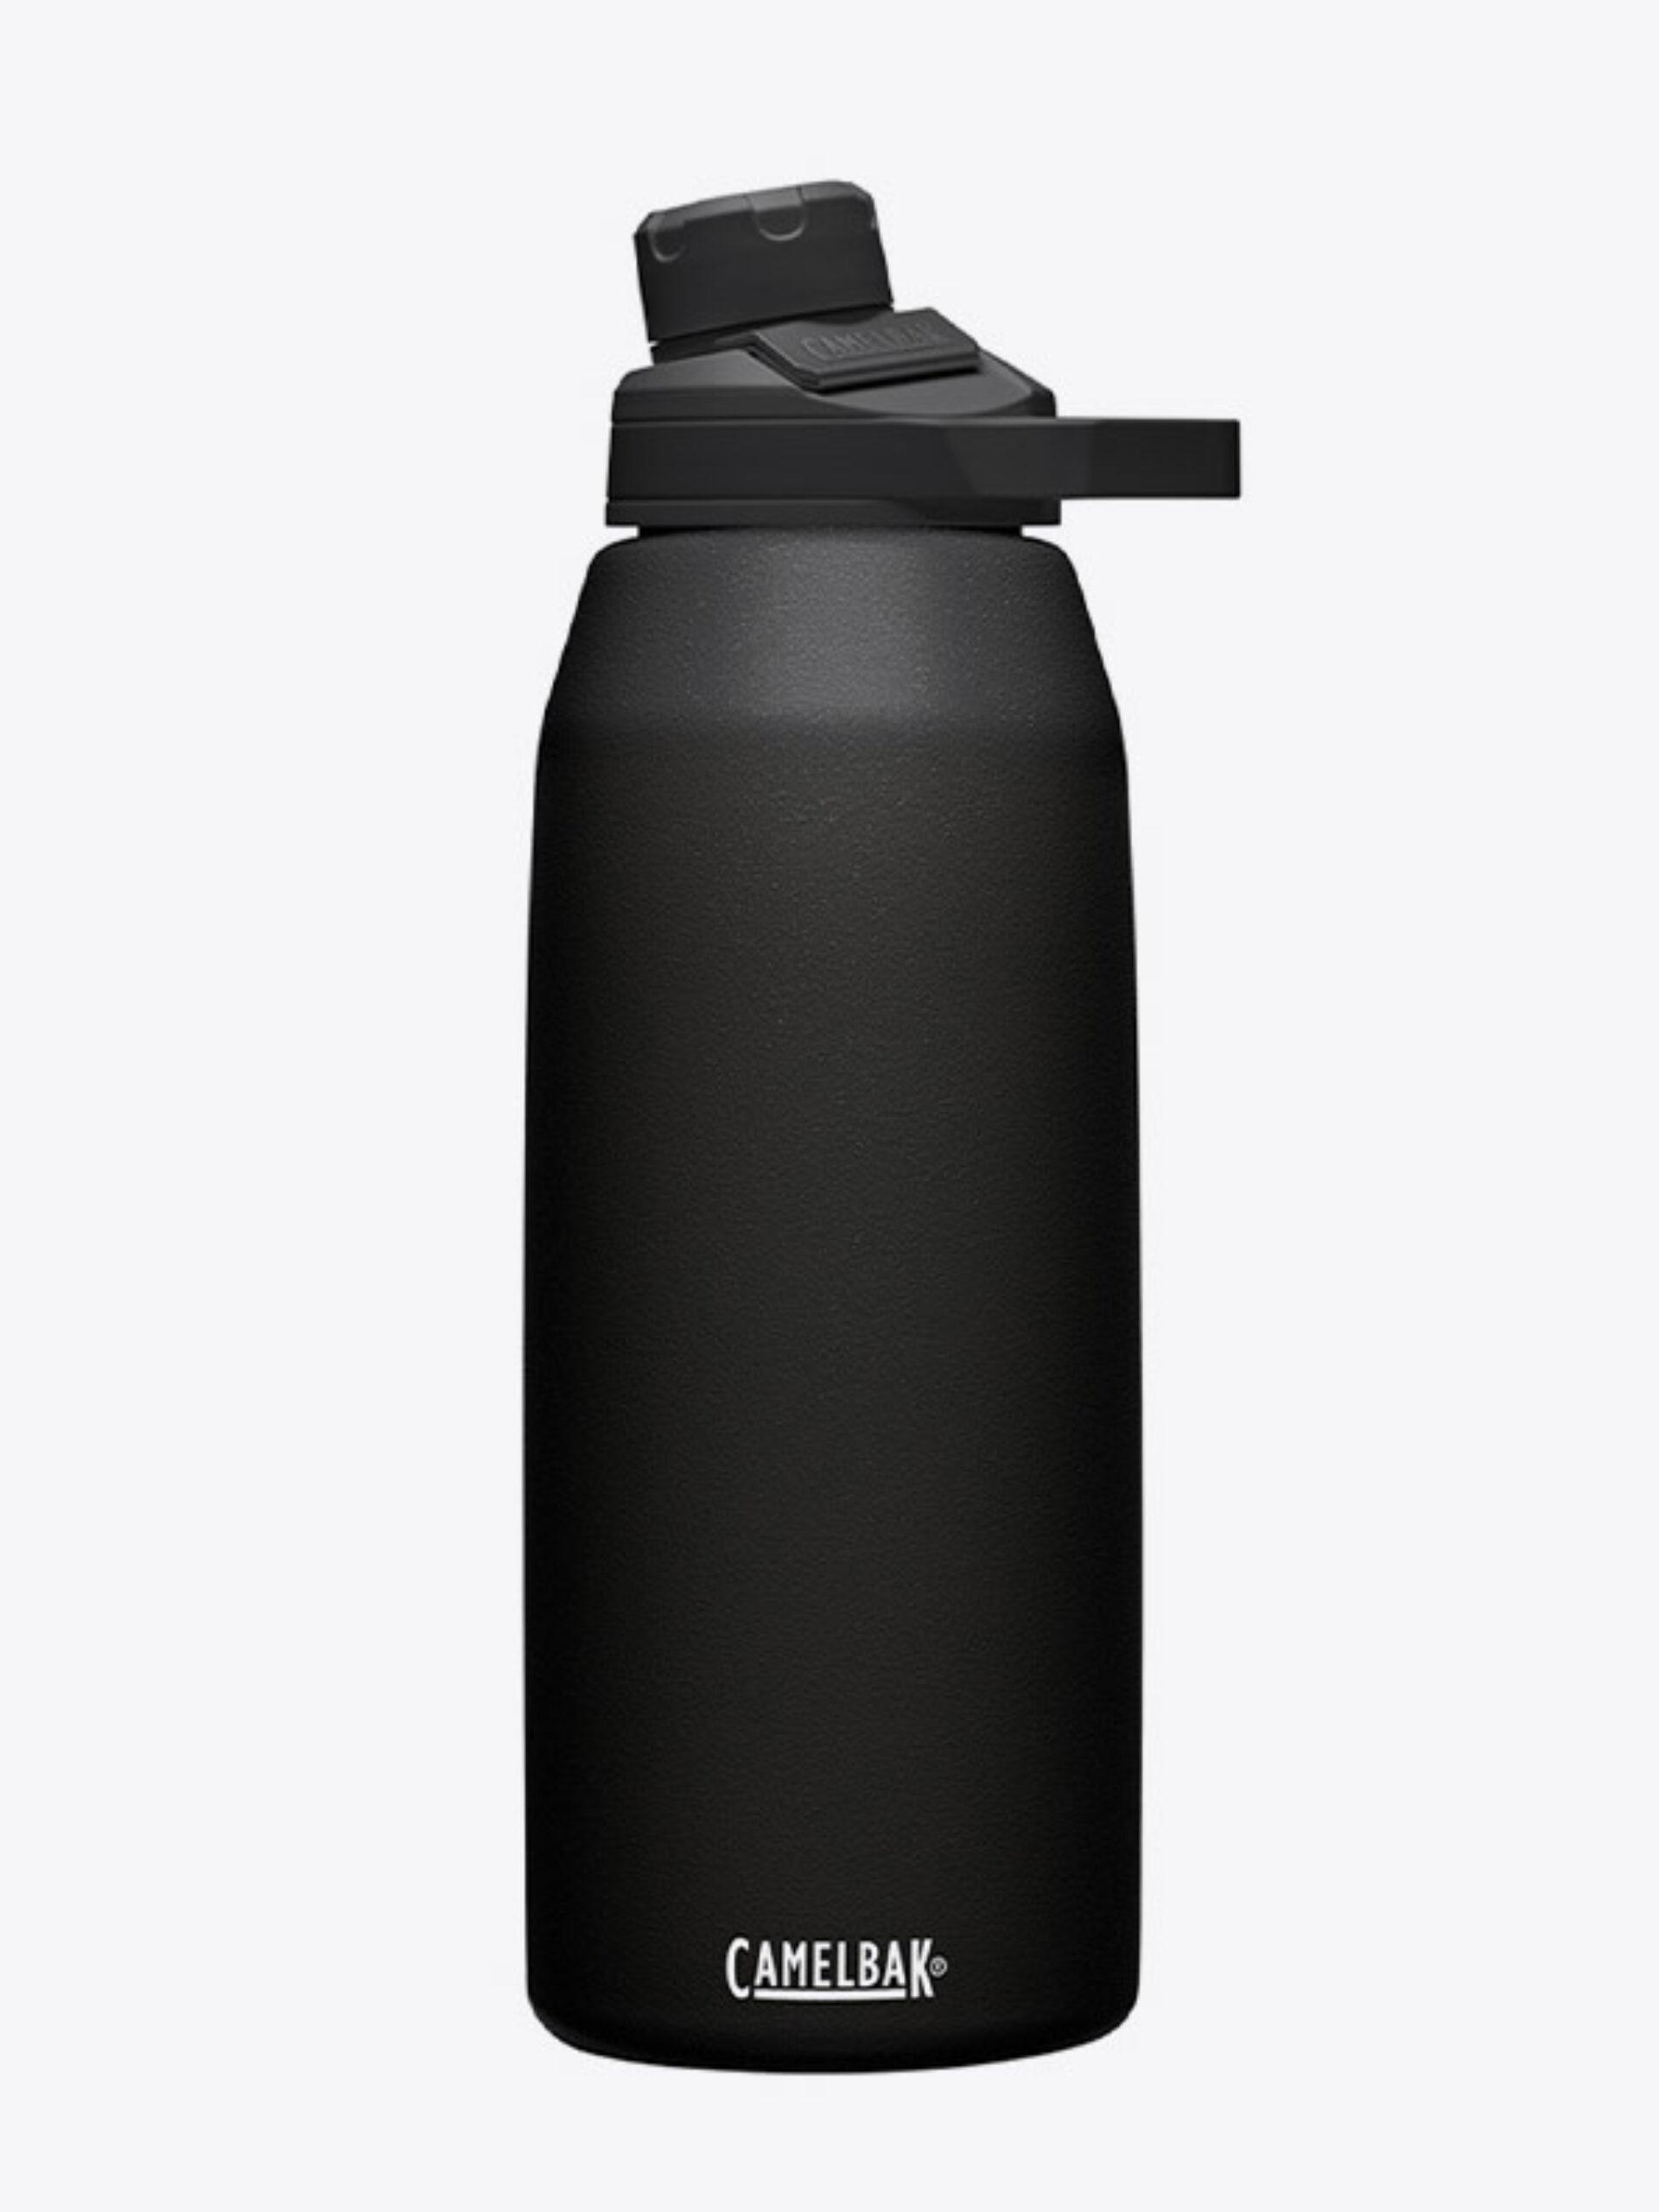 Thermosflasche Camelbak Mit Logo Graviert Schwarz 1,2Liter